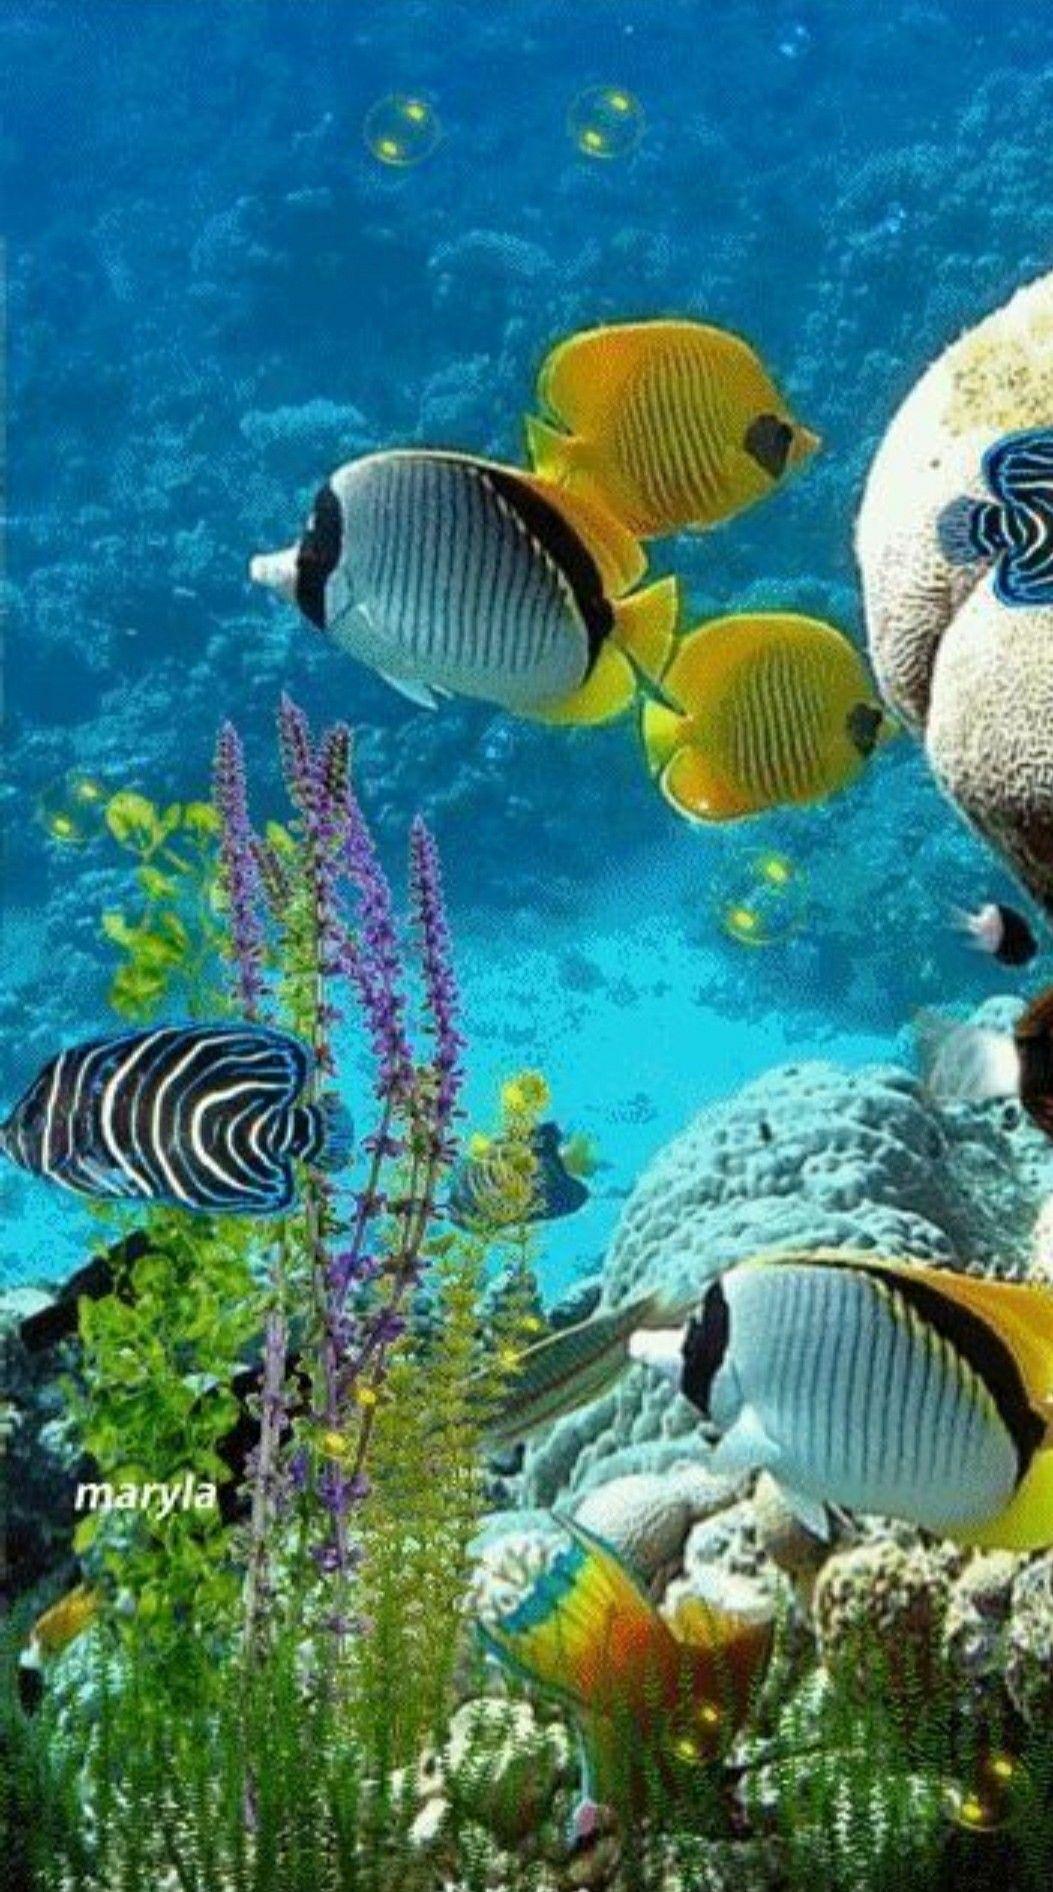 фотографов для анимация рыба в море фото попробовала